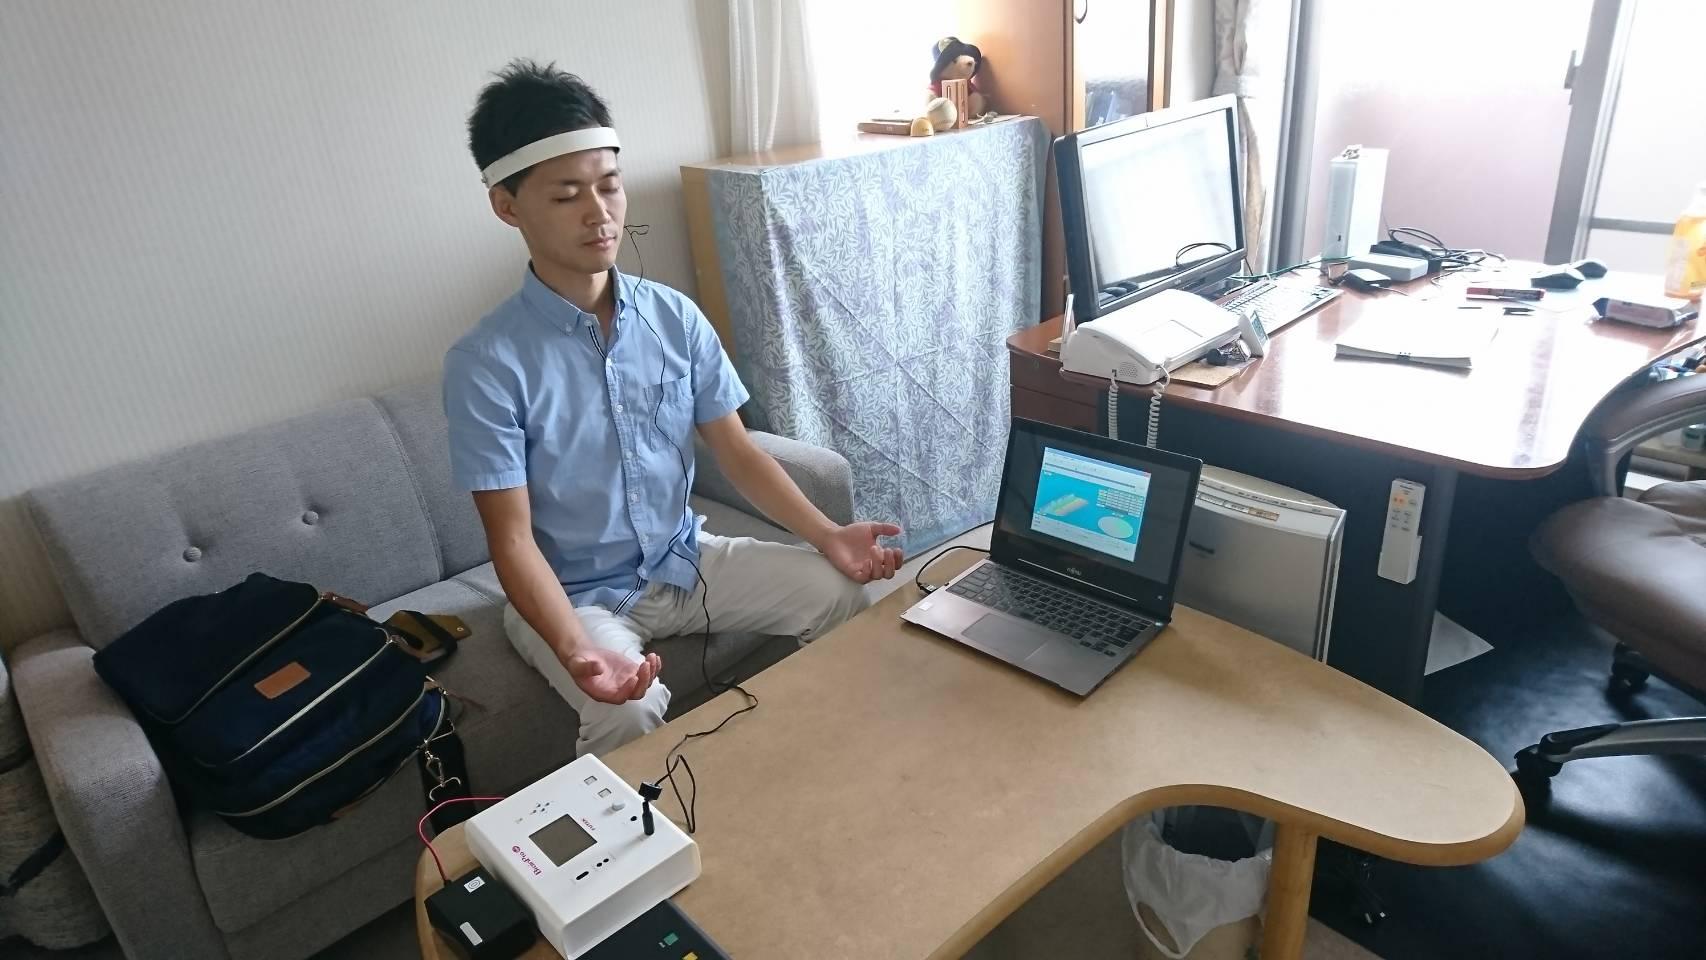 脳波測定で検証!「ジブリッシュが脳を聡明にする」は本当か?セルシネ・エイム研究所との協同研究プロジェクトが本格化!